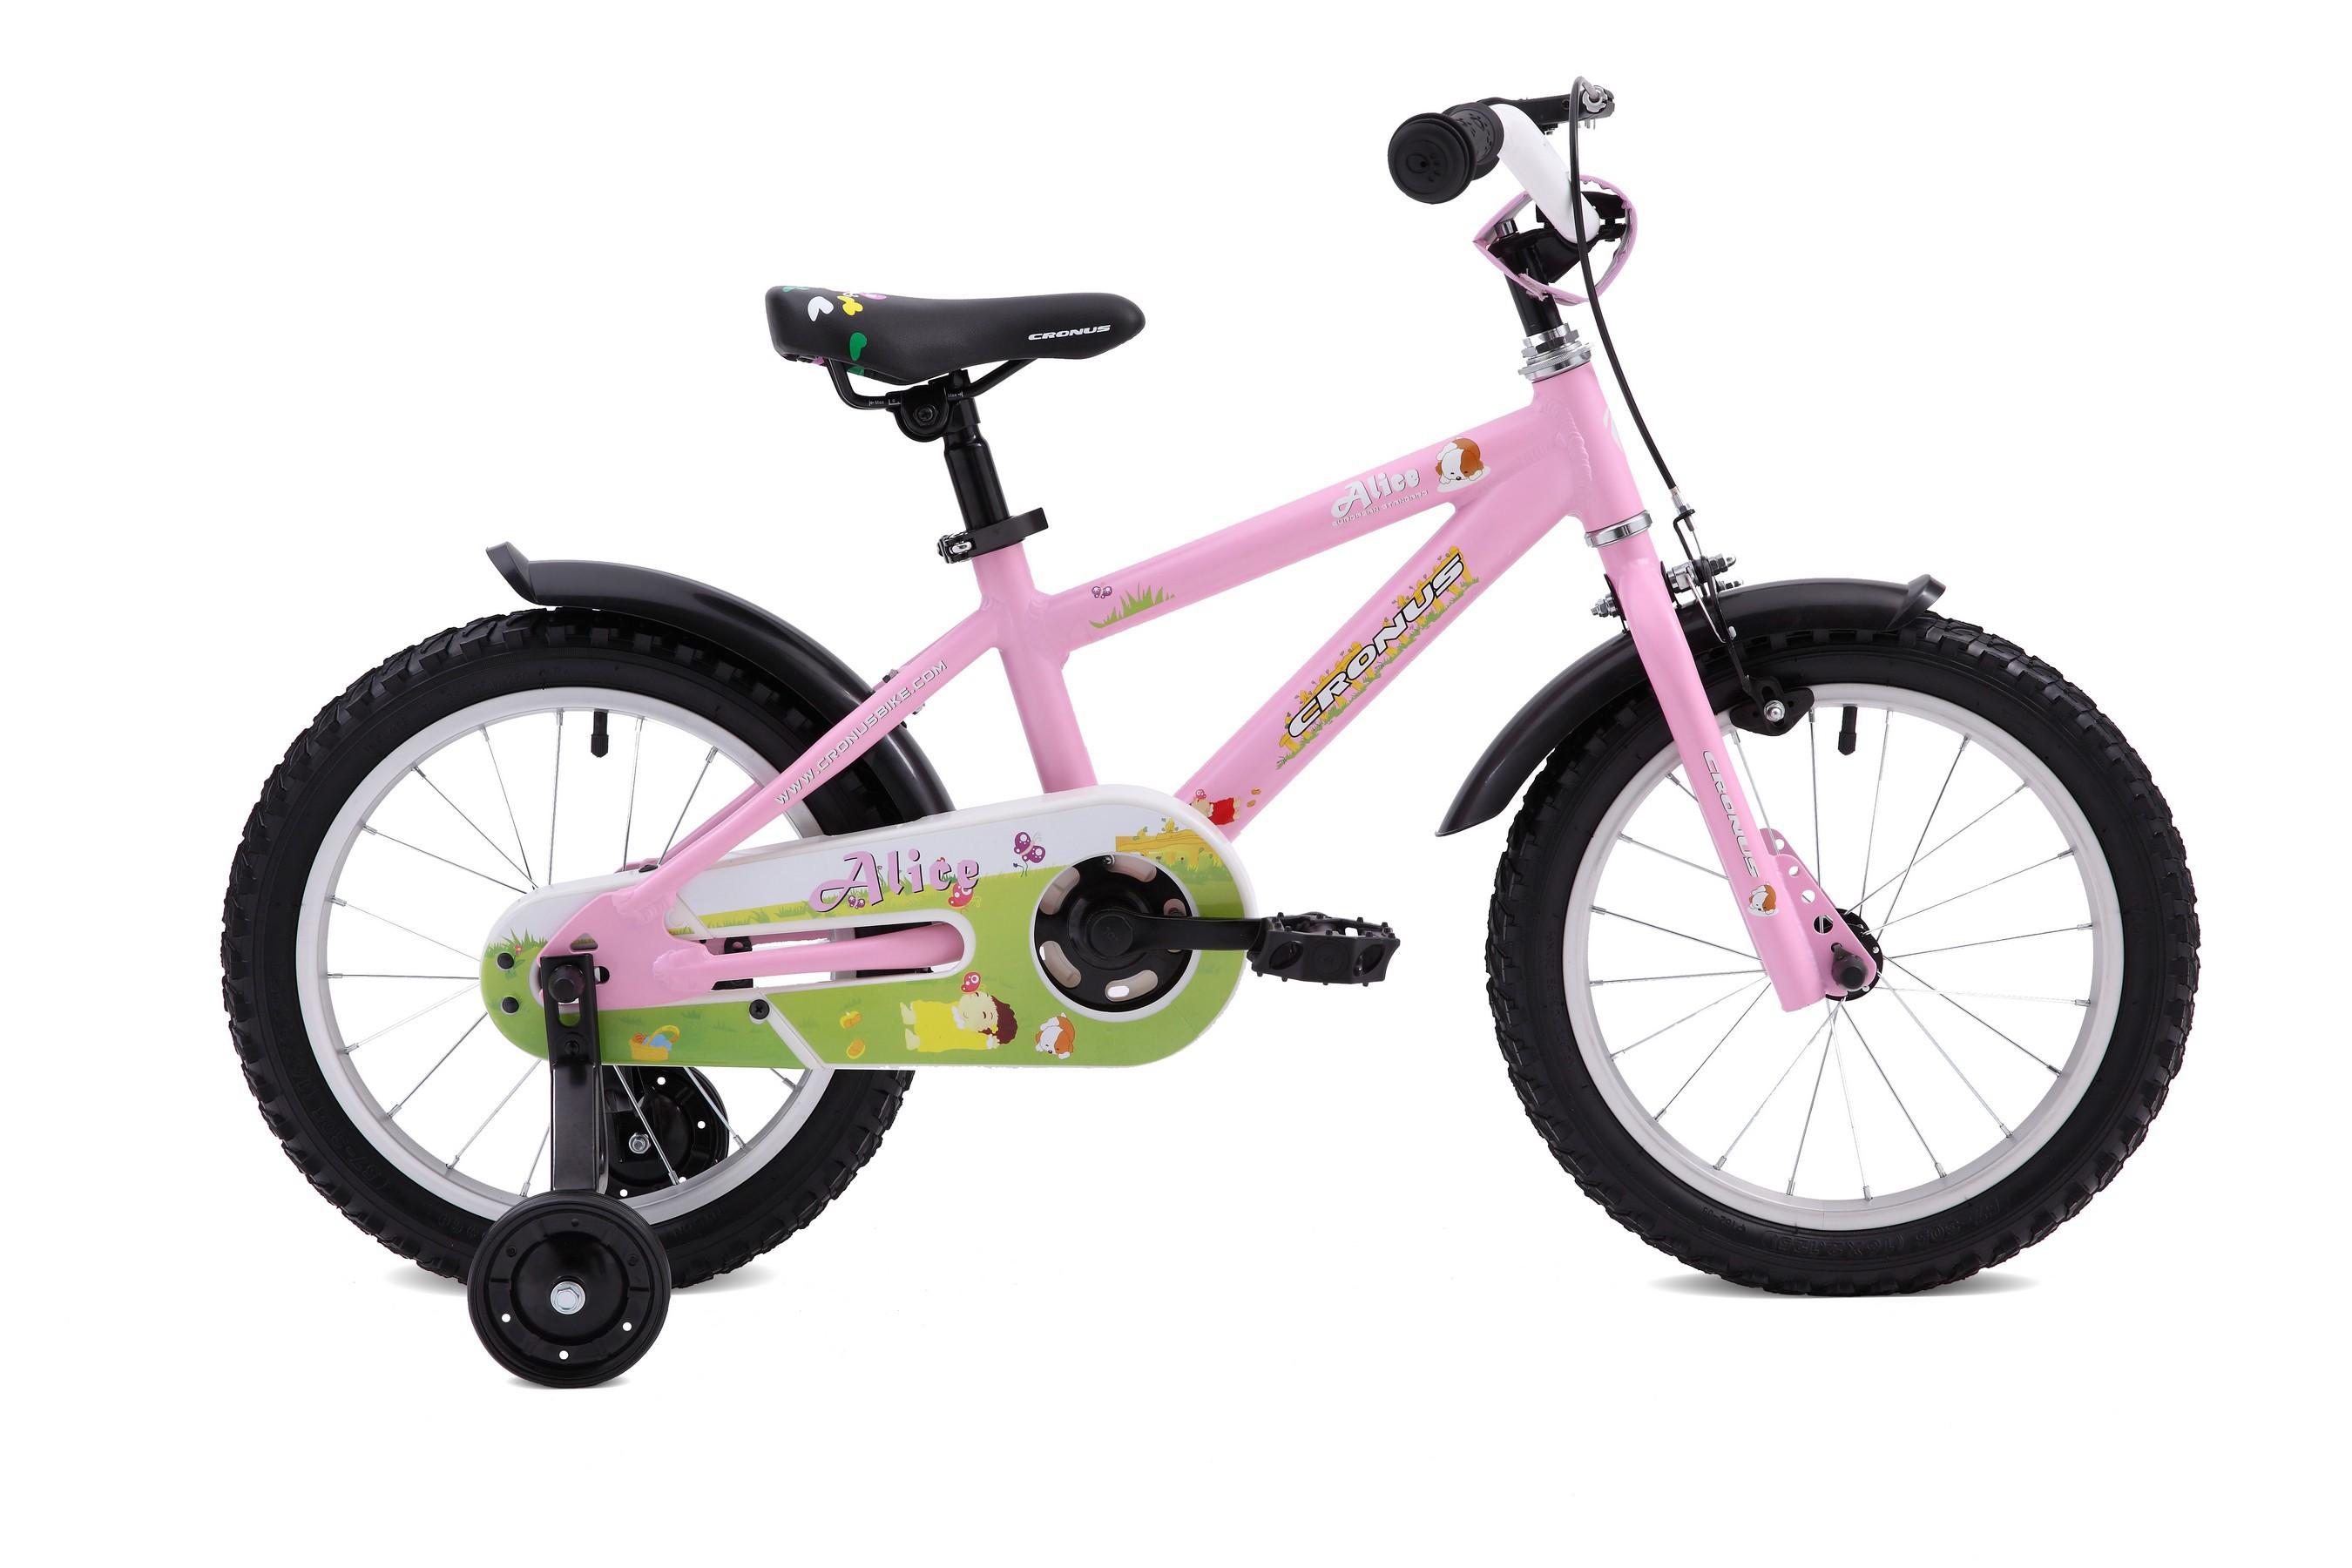 Детский велосипед Cronus ALICE 16 (2016), Цвет Розовый, Размер 9